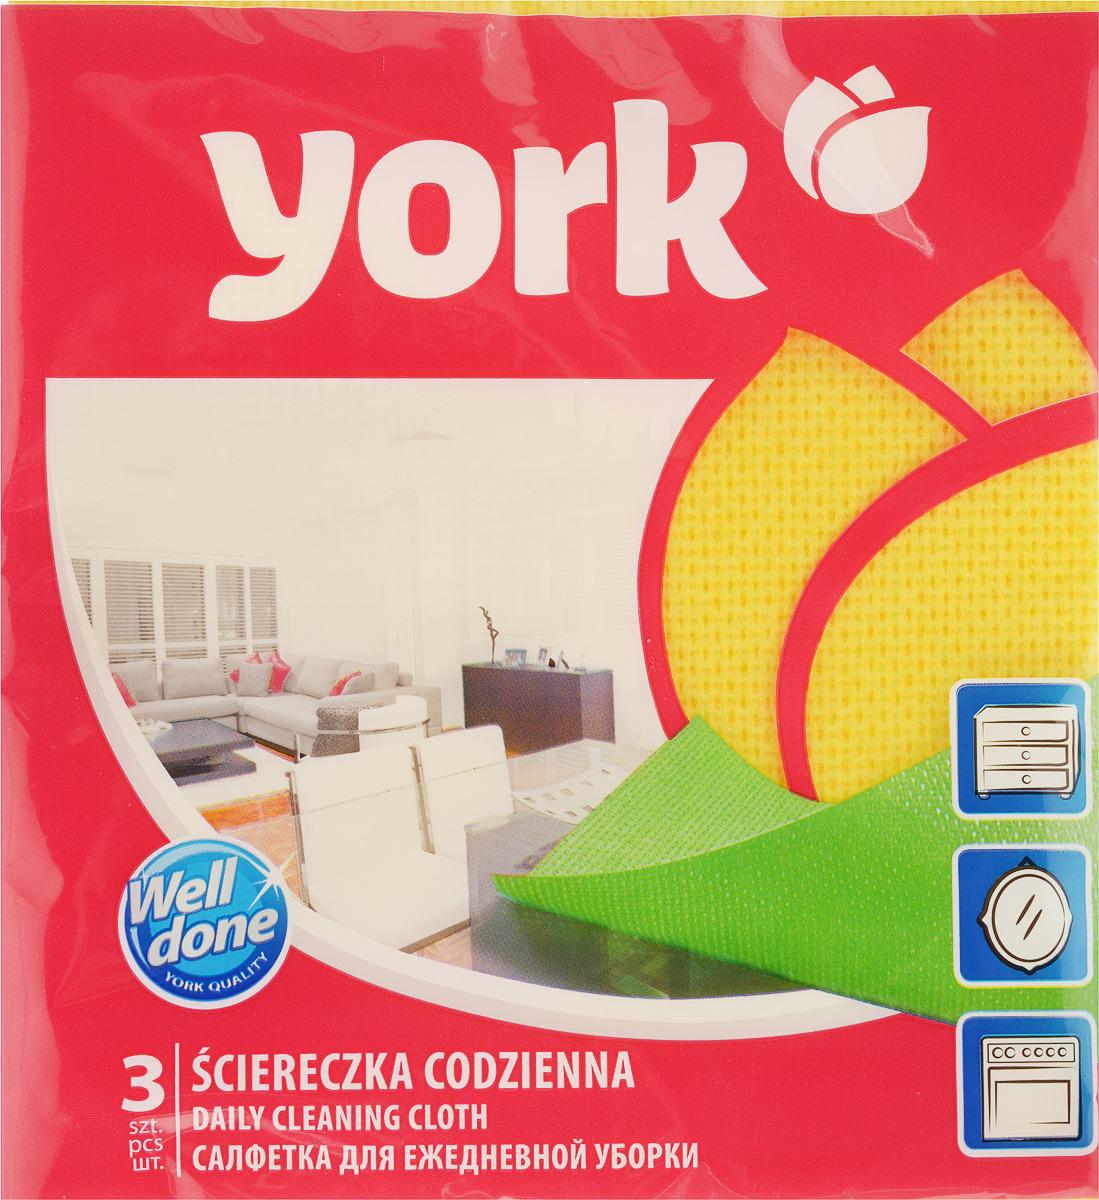 Салфетка для ежедневной уборки York Ламбада, цвет: желтый, 37 х 40 см, 3 шт2106_желтыйУниверсальная салфетка York Ламбада предназначена для мытья, протирания и полировки различных поверхностей. Салфетка, выполненная из вискозы, отличается высокой прочностью. Салфетка хорошо поглощает влагу. Идеальна для ухода за столешницами и раковиной, а также для мытья посуды. Может использоваться в сухом и влажном виде. В комплекте 3 салфетки. Размер салфетки: 37 х 40 см.